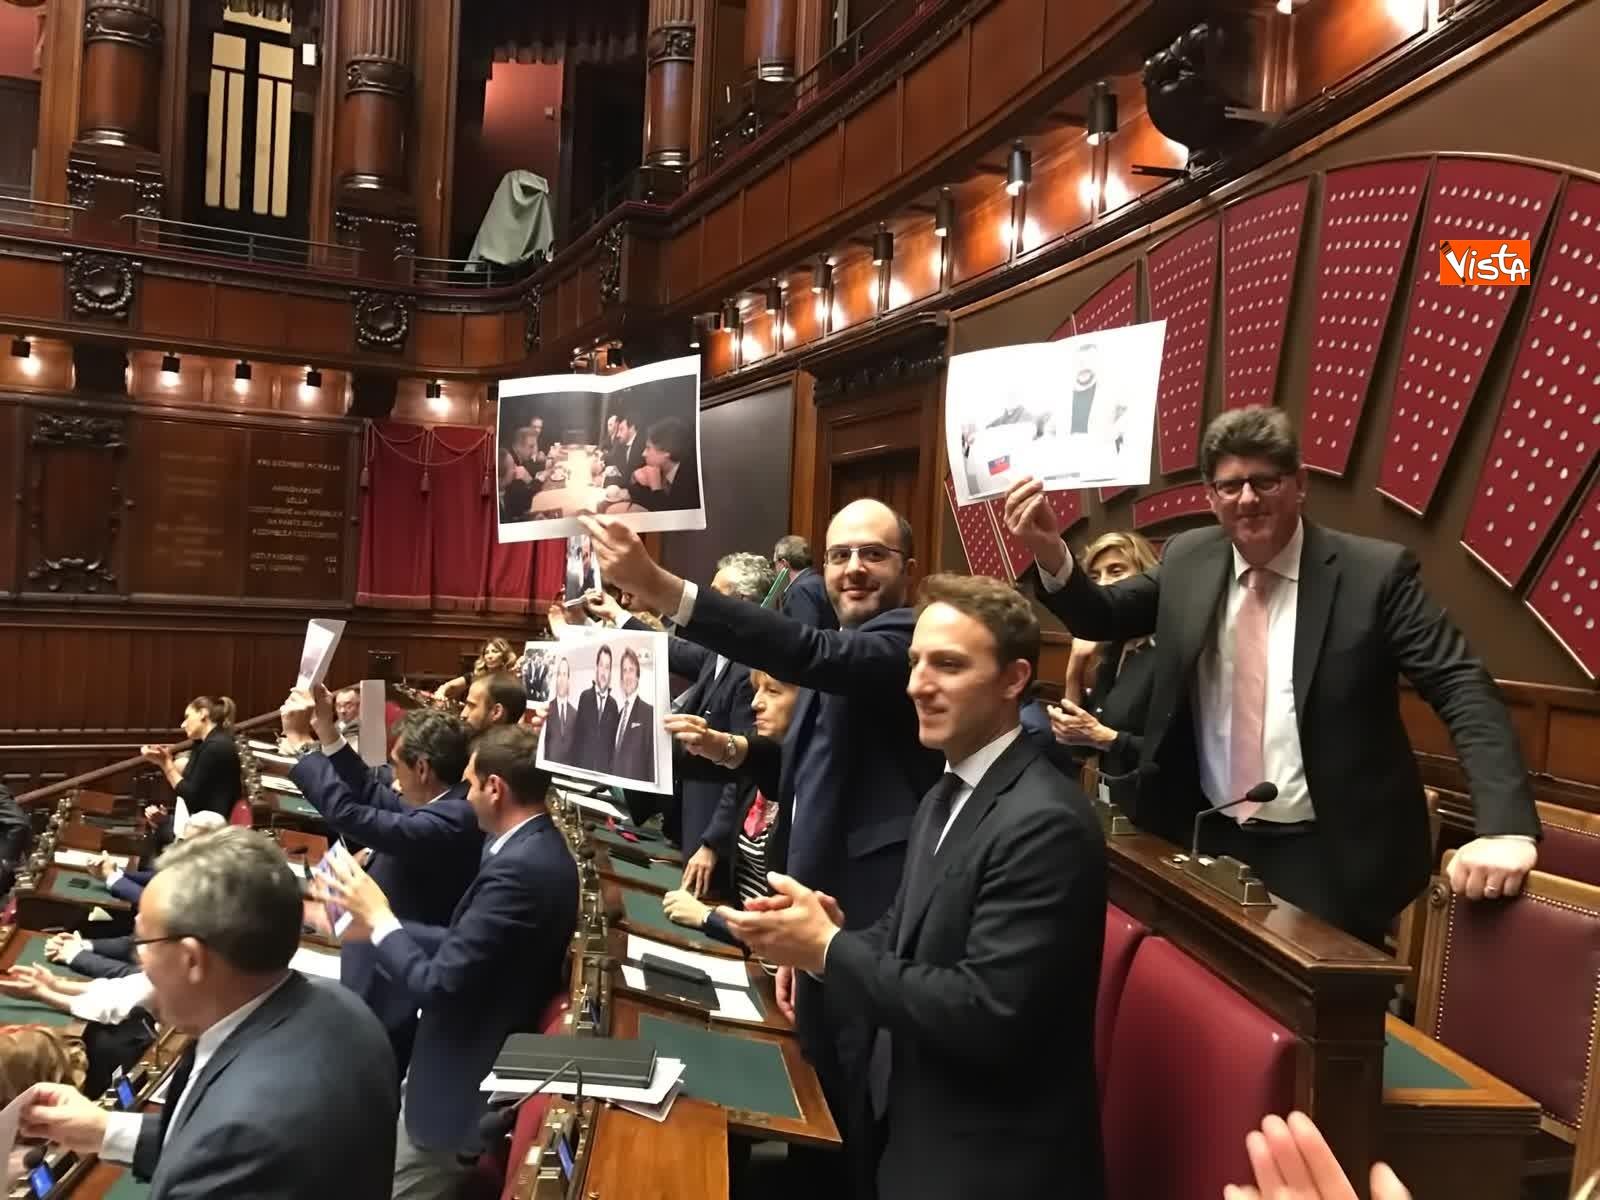 16-07-19 Caso Russia, protesta del PD in Aula, i deputati alzano foto di Salvini e Savoini insieme_02